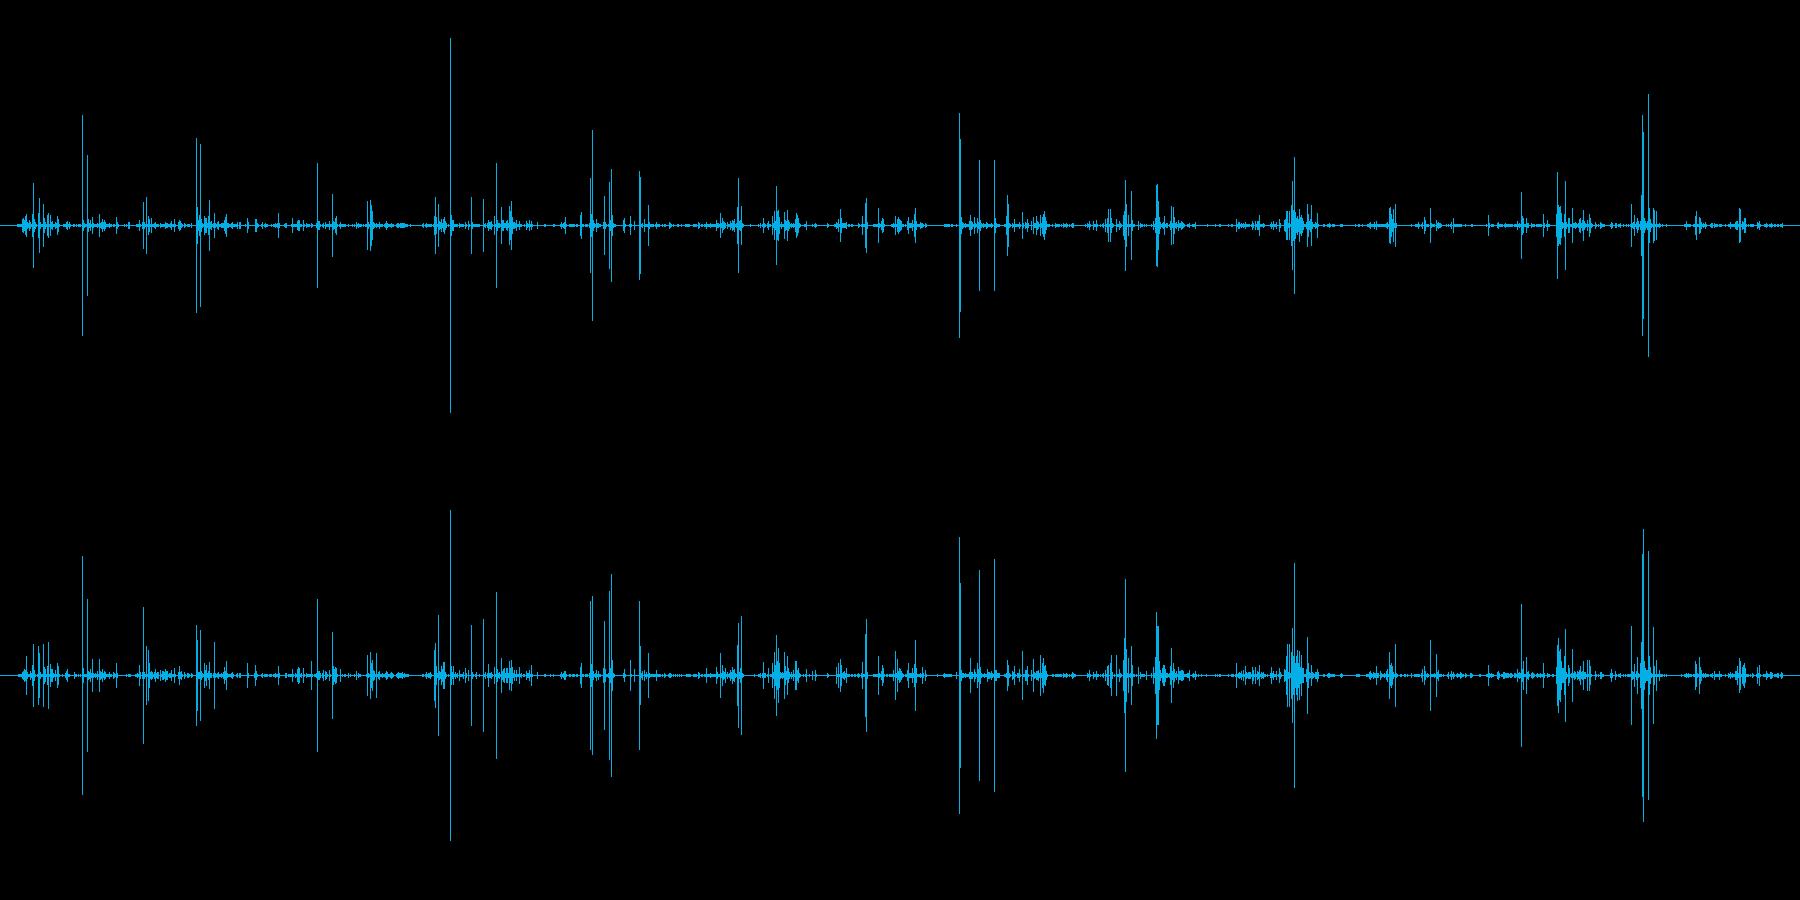 木 竹割れシーケンス01の再生済みの波形